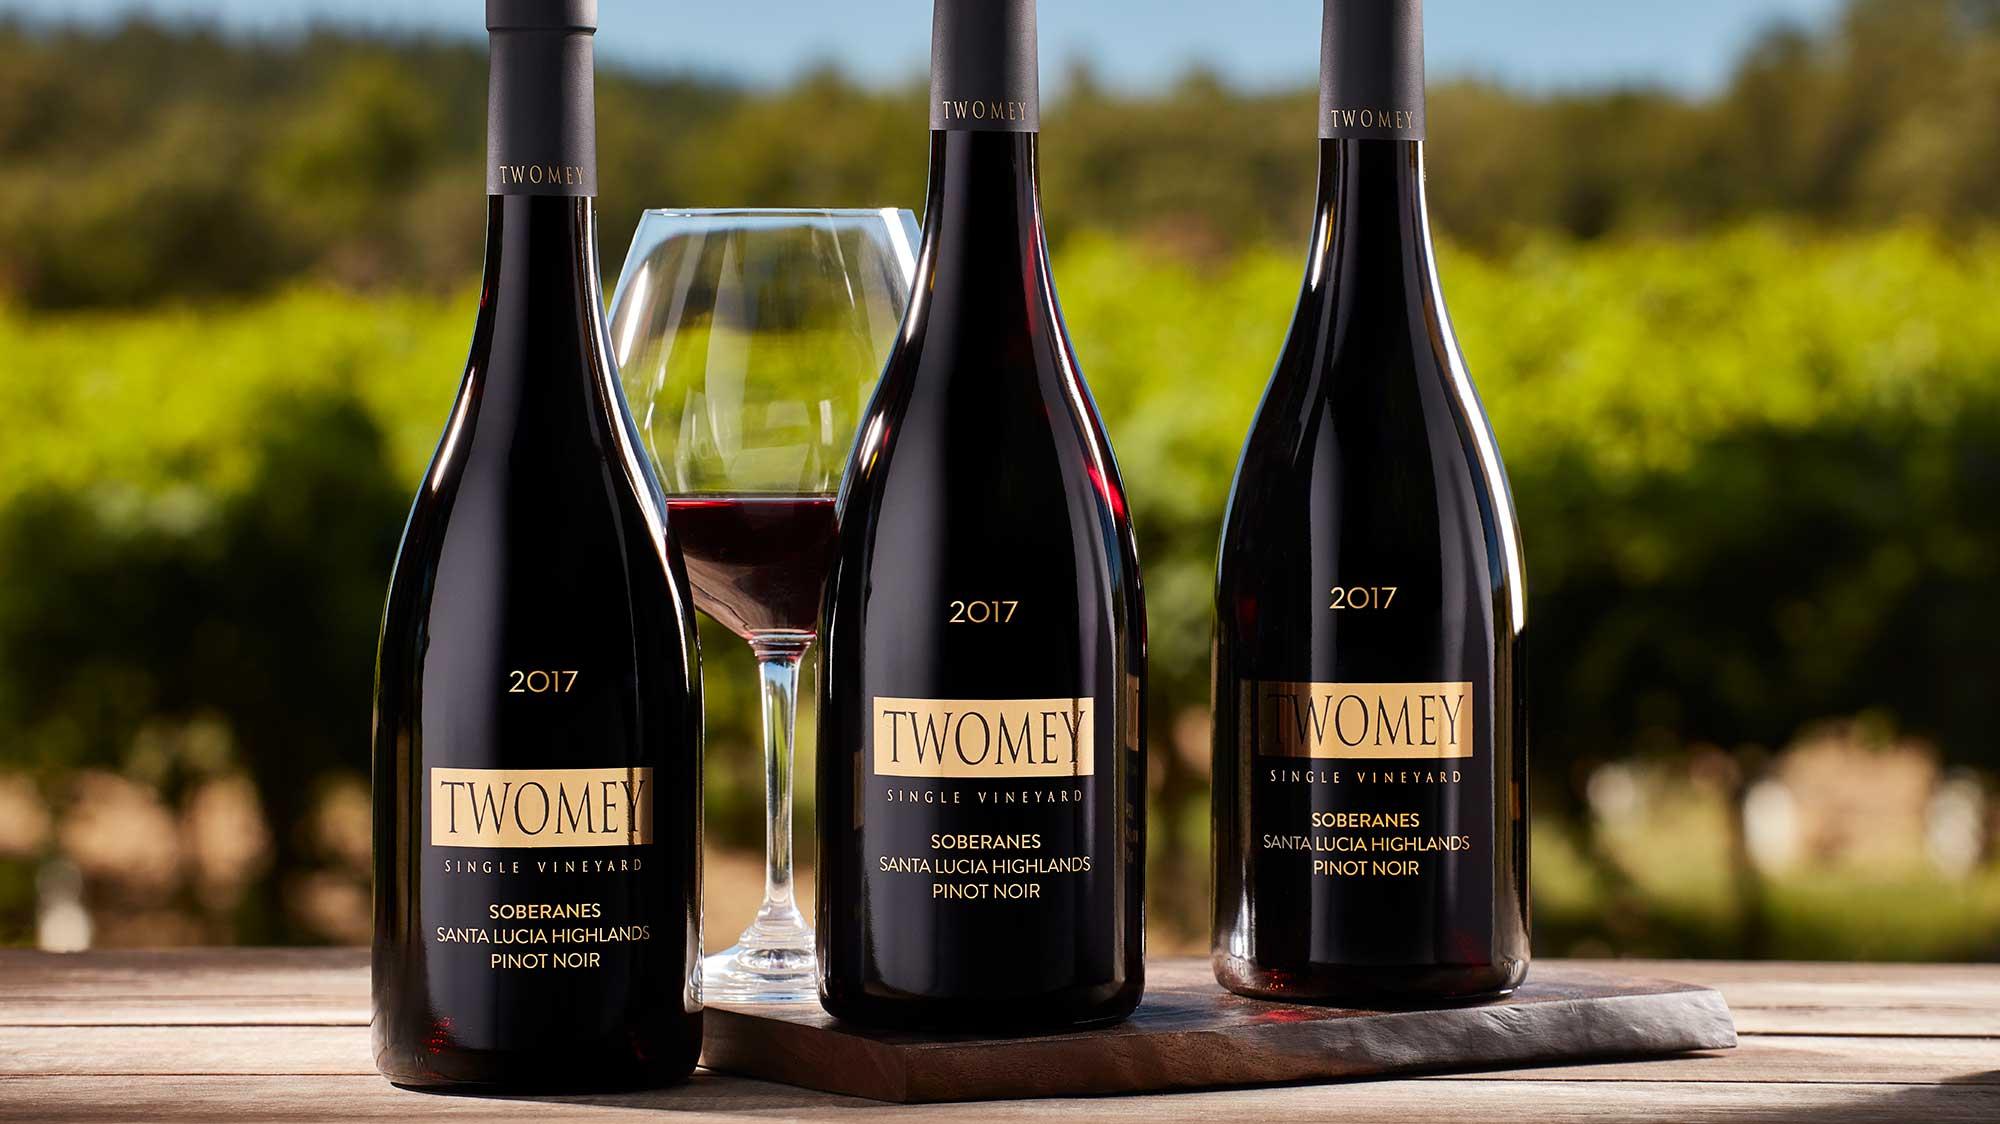 2017 Twomey Soberanes Pinot Noir